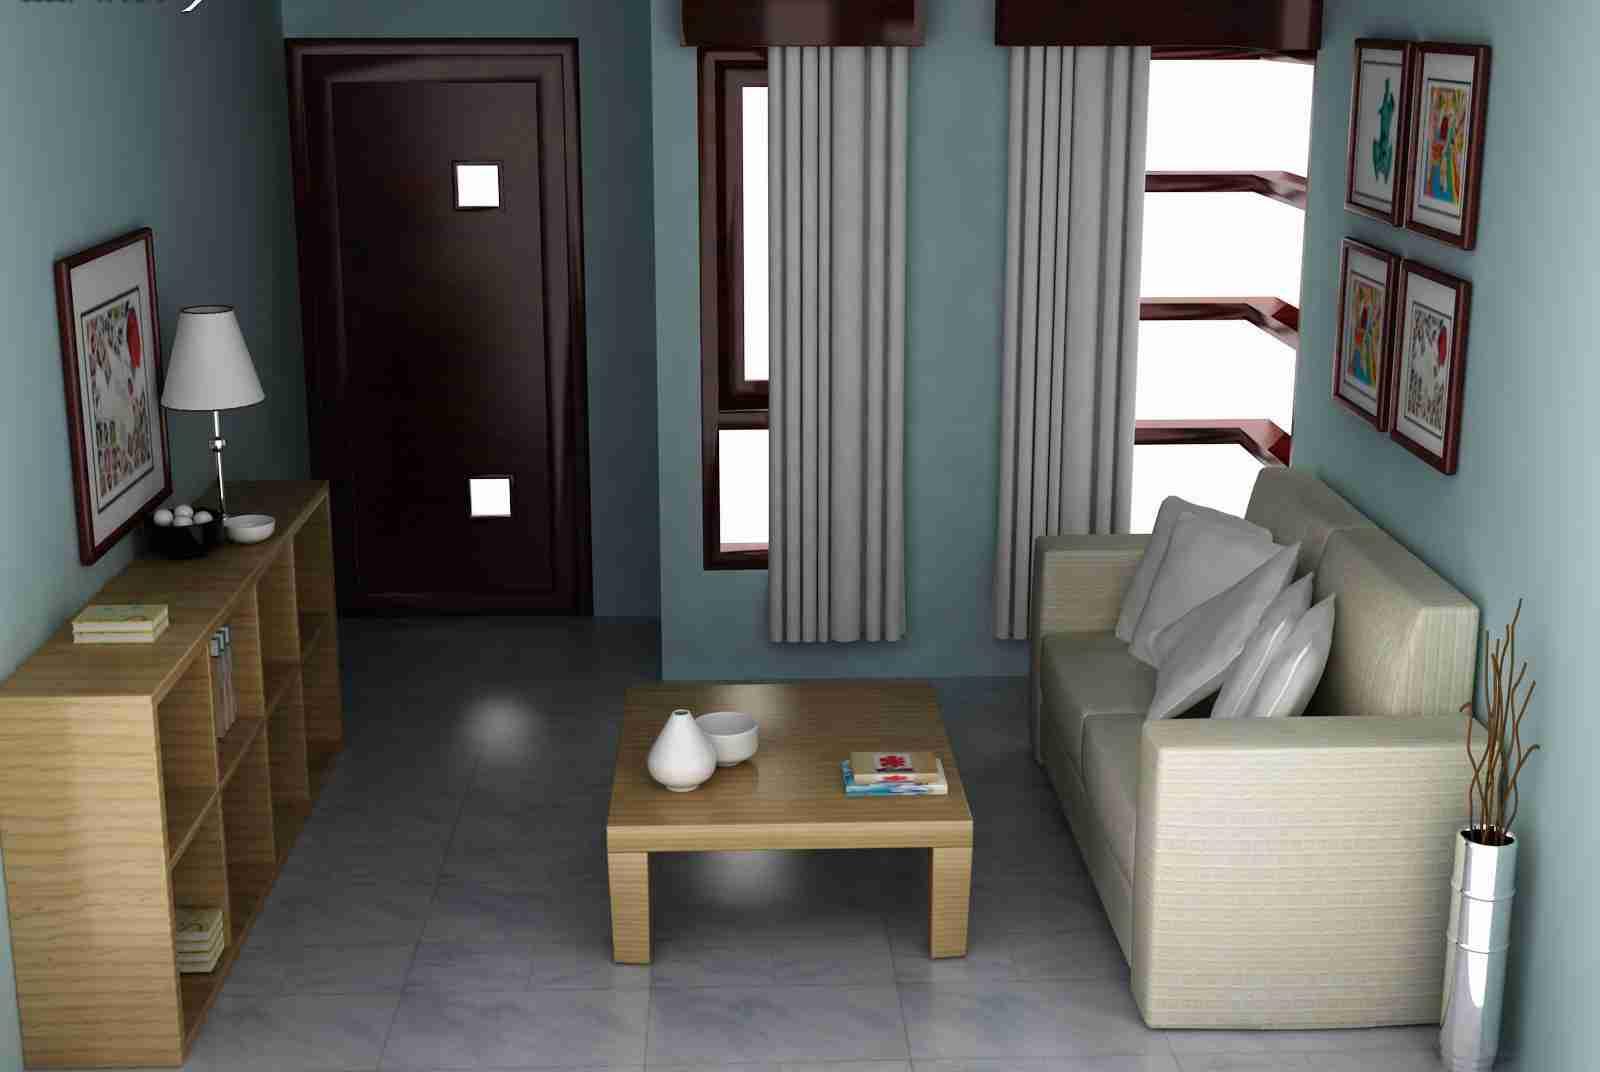 Desain Interior Rumah Minimalis Ruangan Pribadi